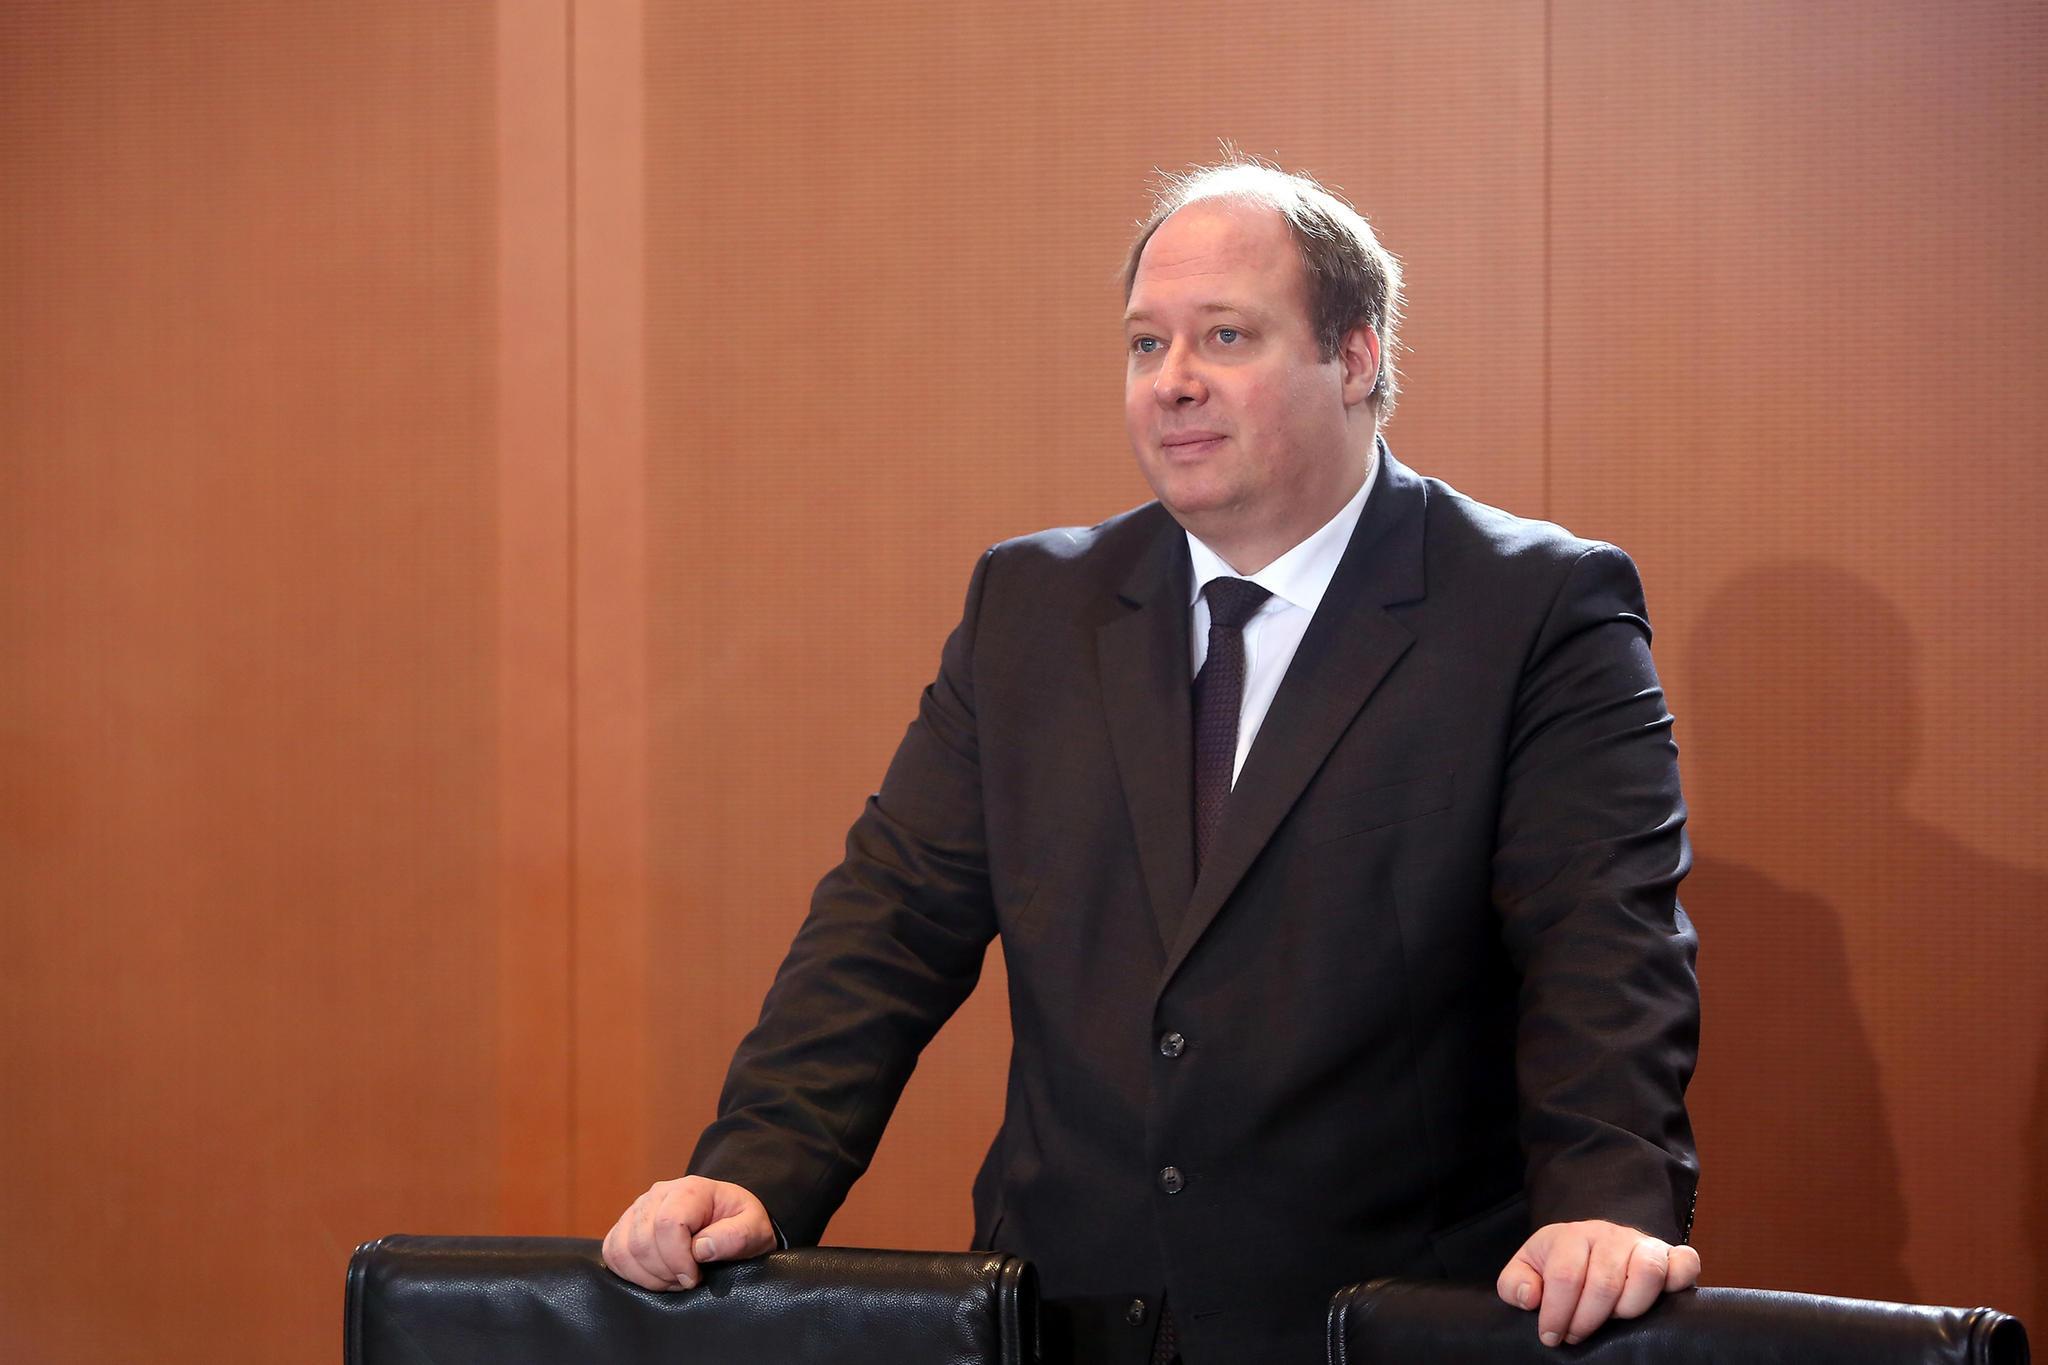 Der neue Chef des Kanzleramts Helge Braun